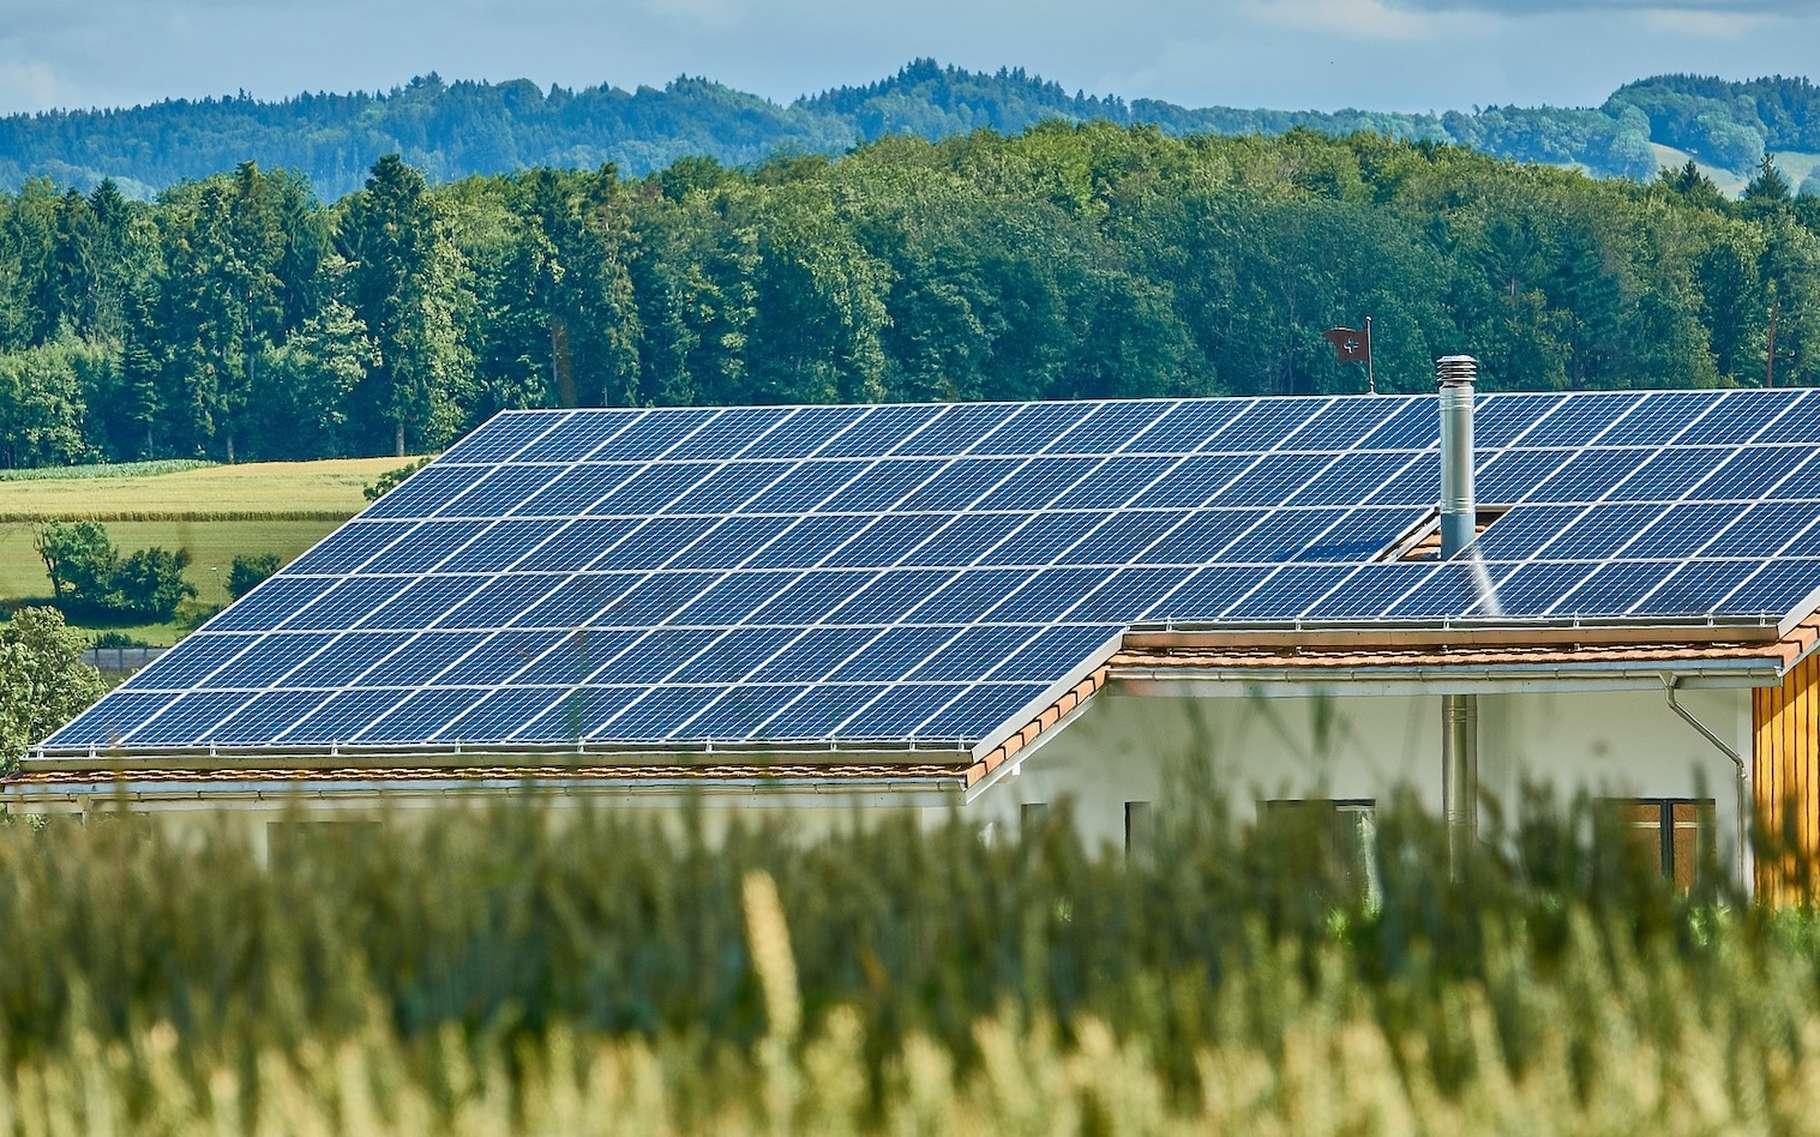 Des panneaux solaires installés sur le toit d'un logement peuvent permettre à ses habitants d'autoconsommer l'électricité produite. © RoyBuri, Pixabay License